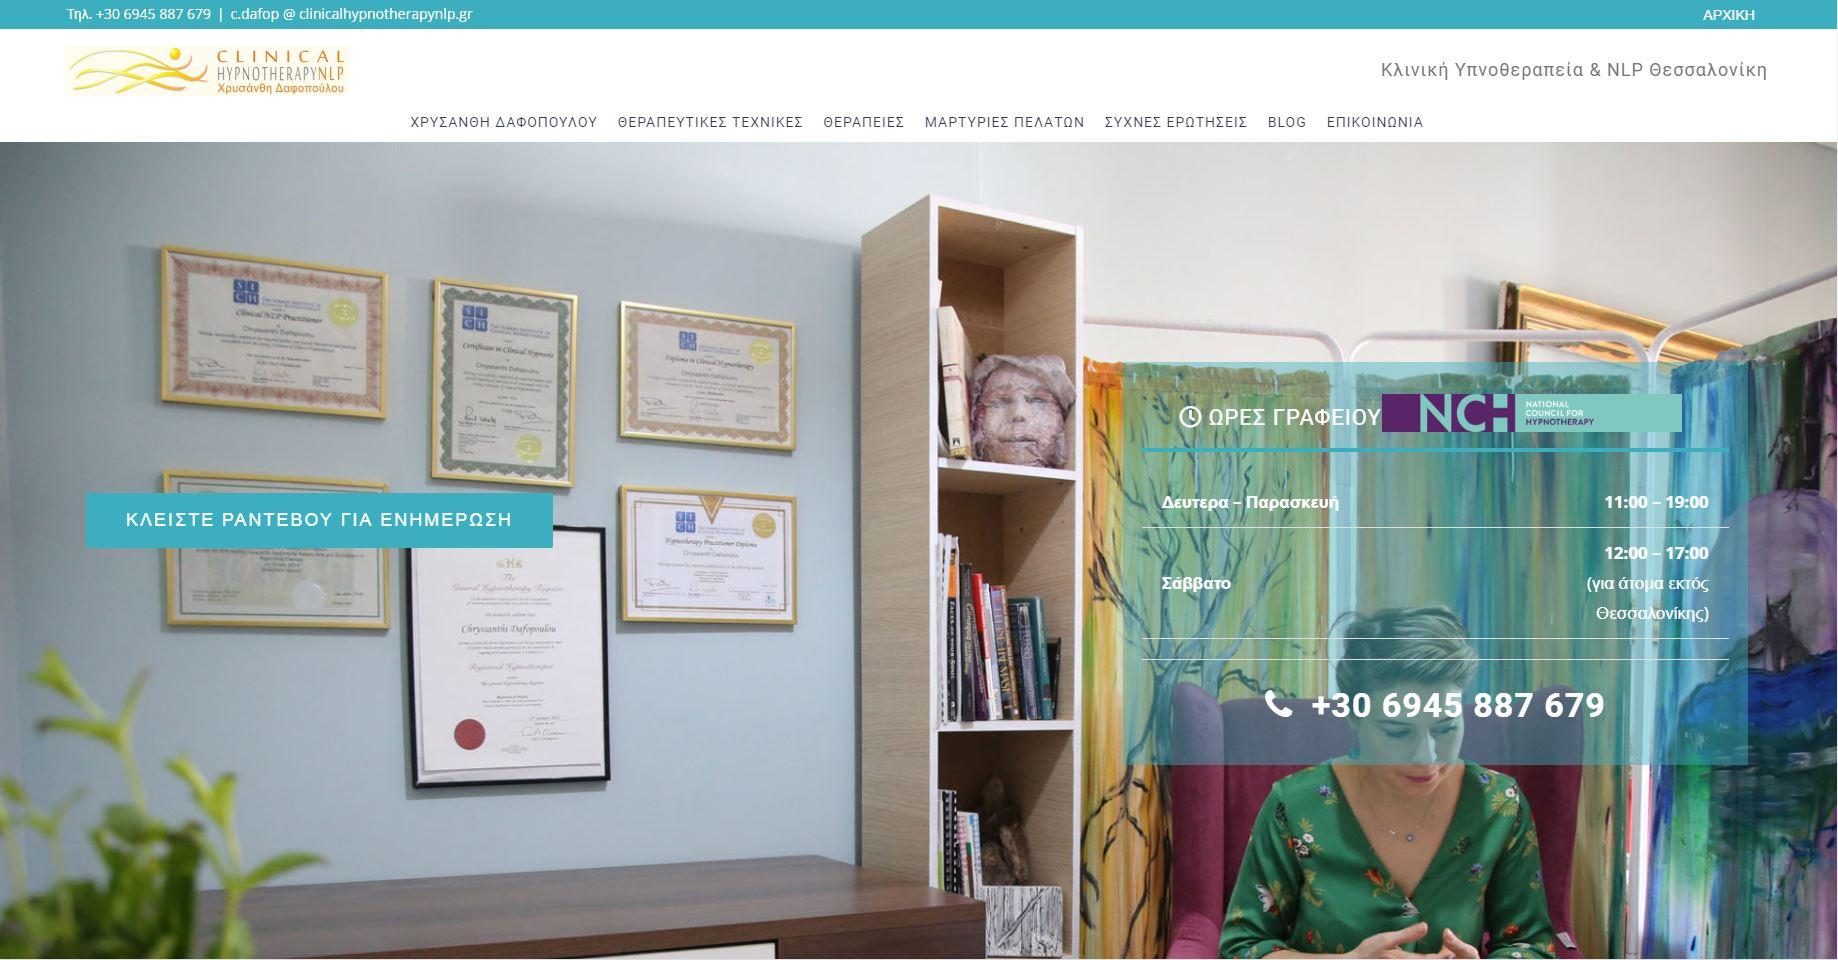 Κατασκευή ιστοσελίδας - design ιστοσελίδας 01